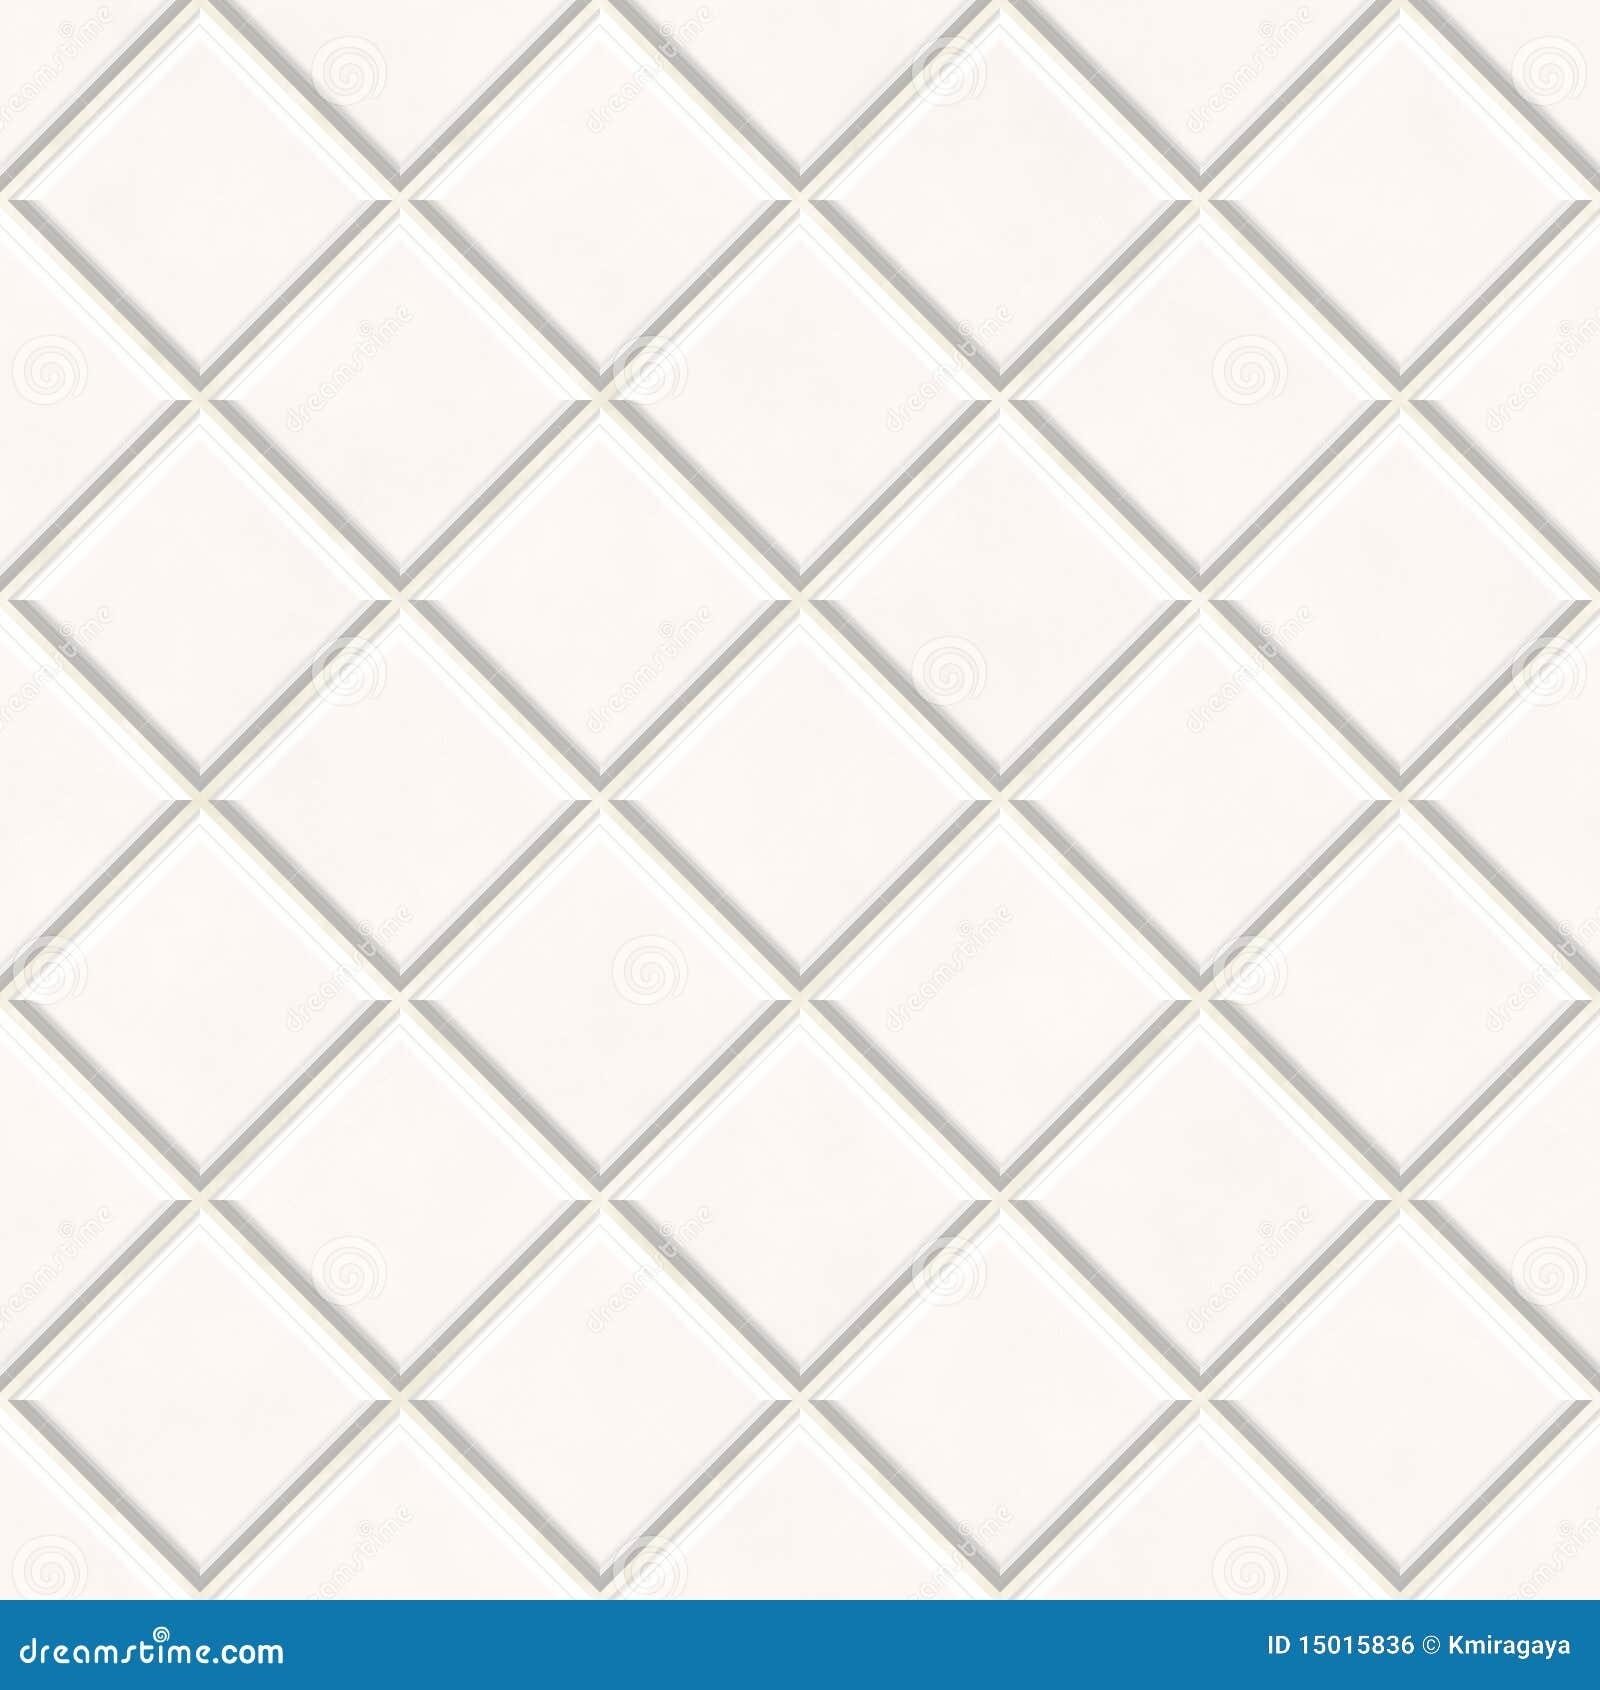 Kitchen Tile Background seamless white tiles texture background kitchen or bathroom